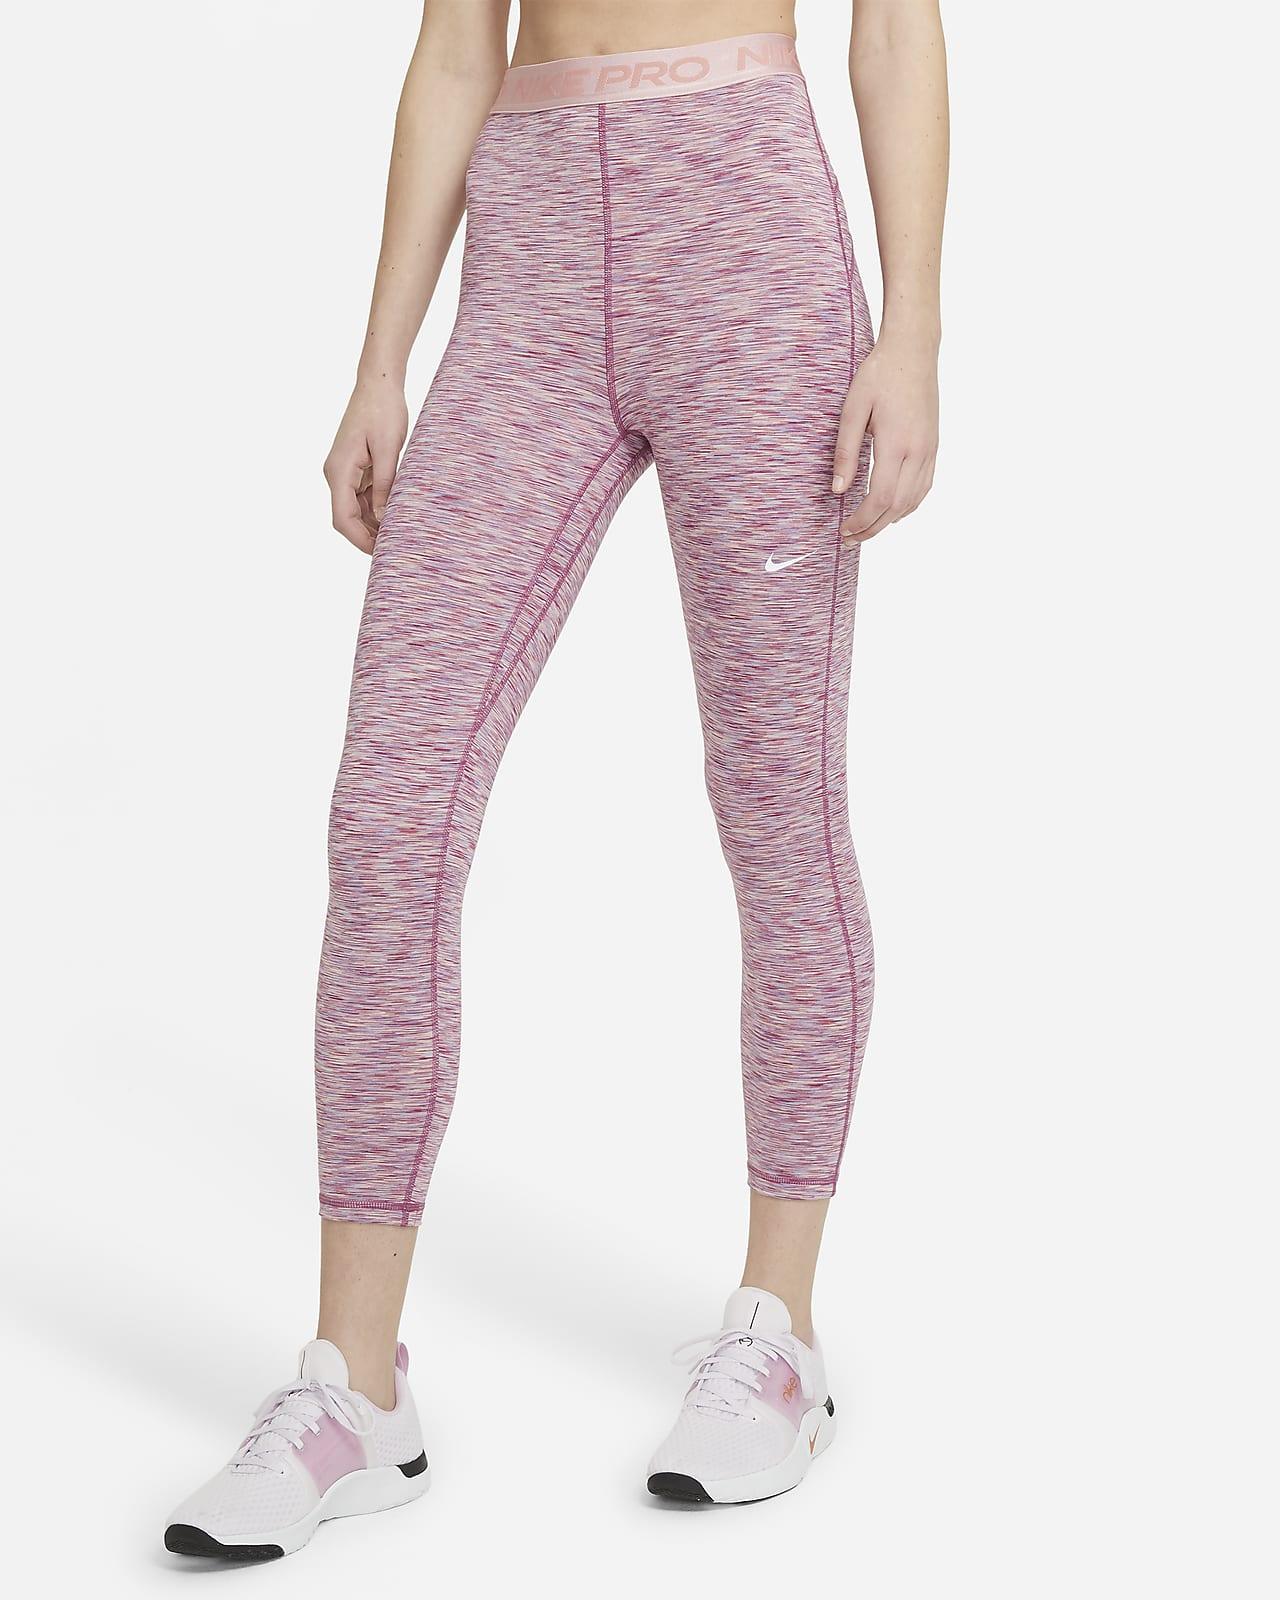 Korta leggings med hög midja Nike Pro för kvinnor